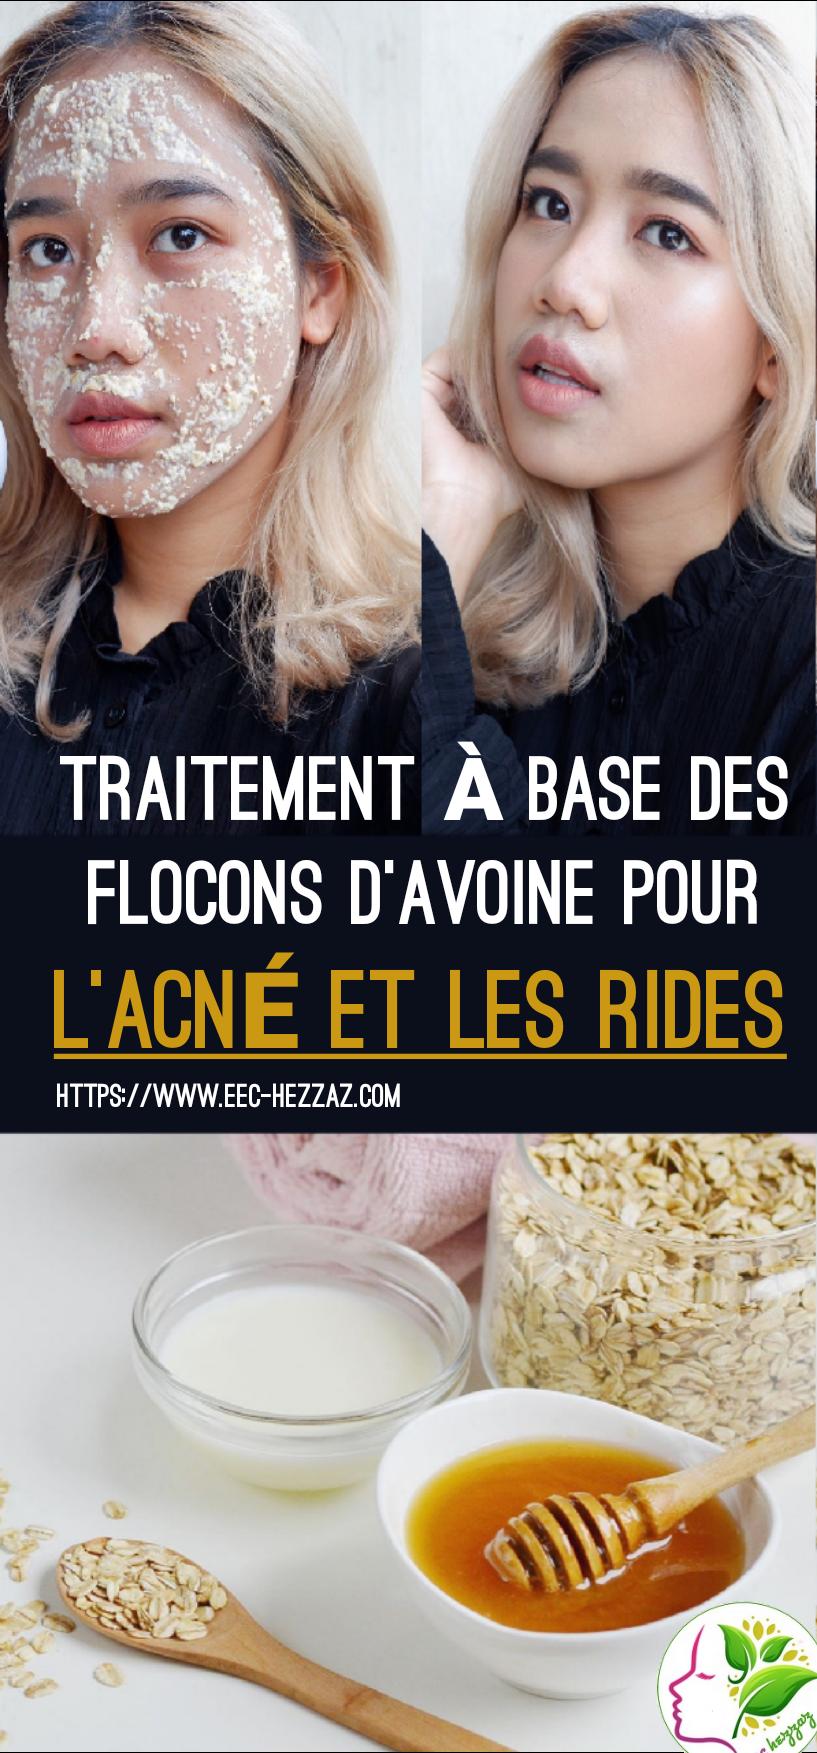 Traitement à base des flocons d'avoine pour l'acné et les rides